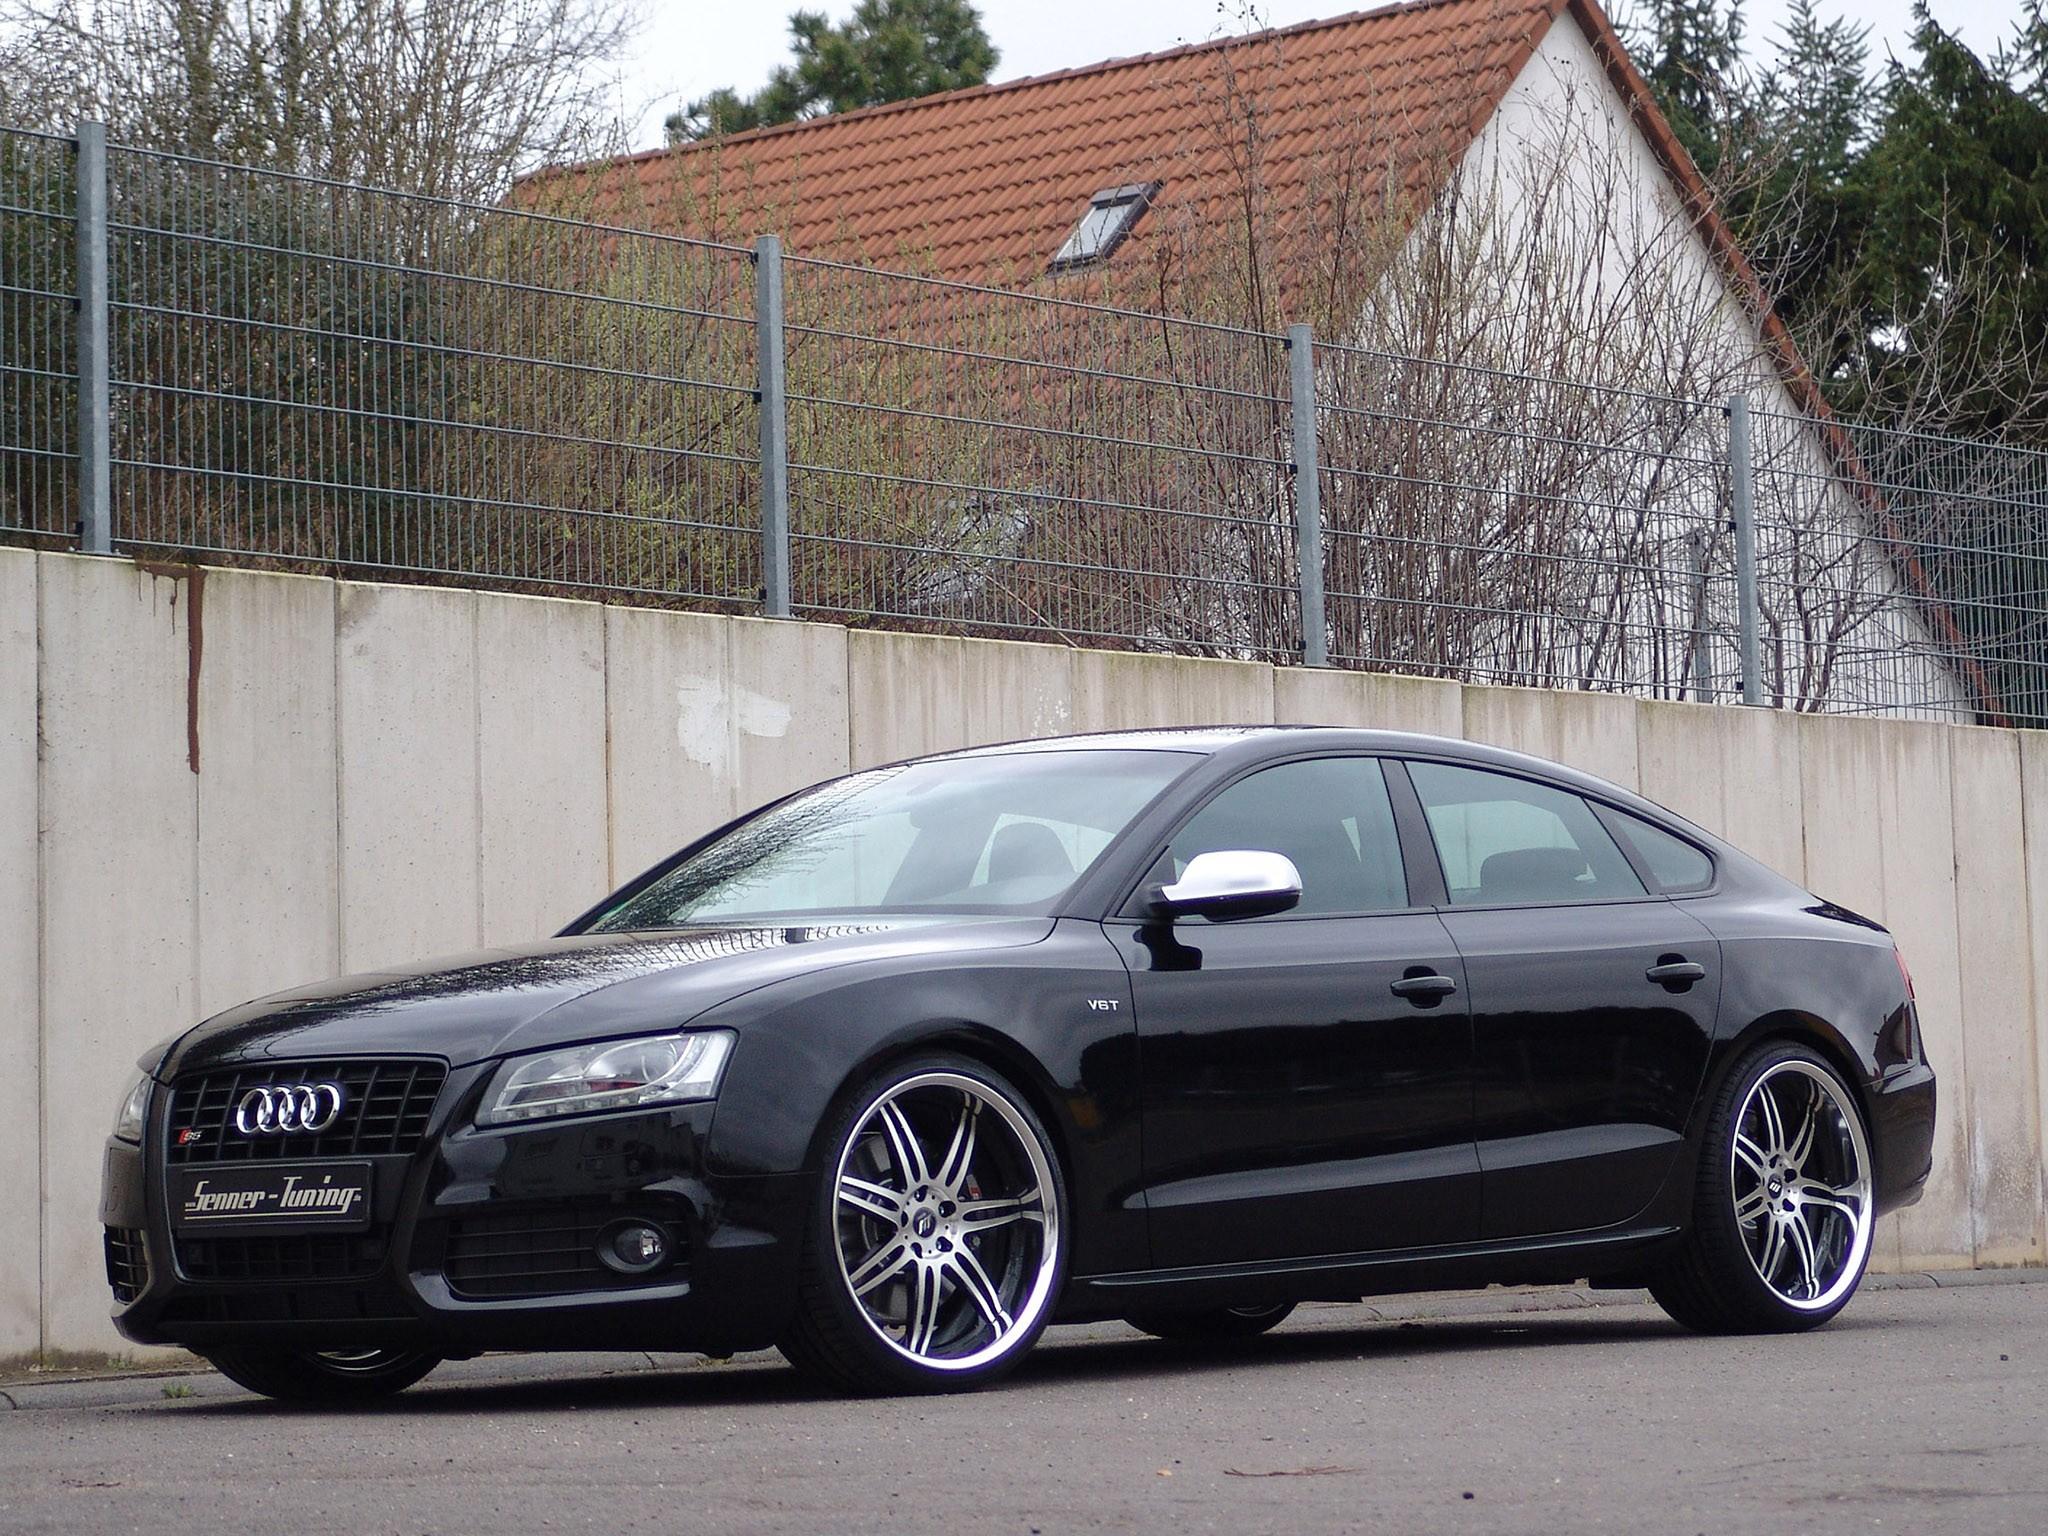 2011 Senner Audi S5 Sportback